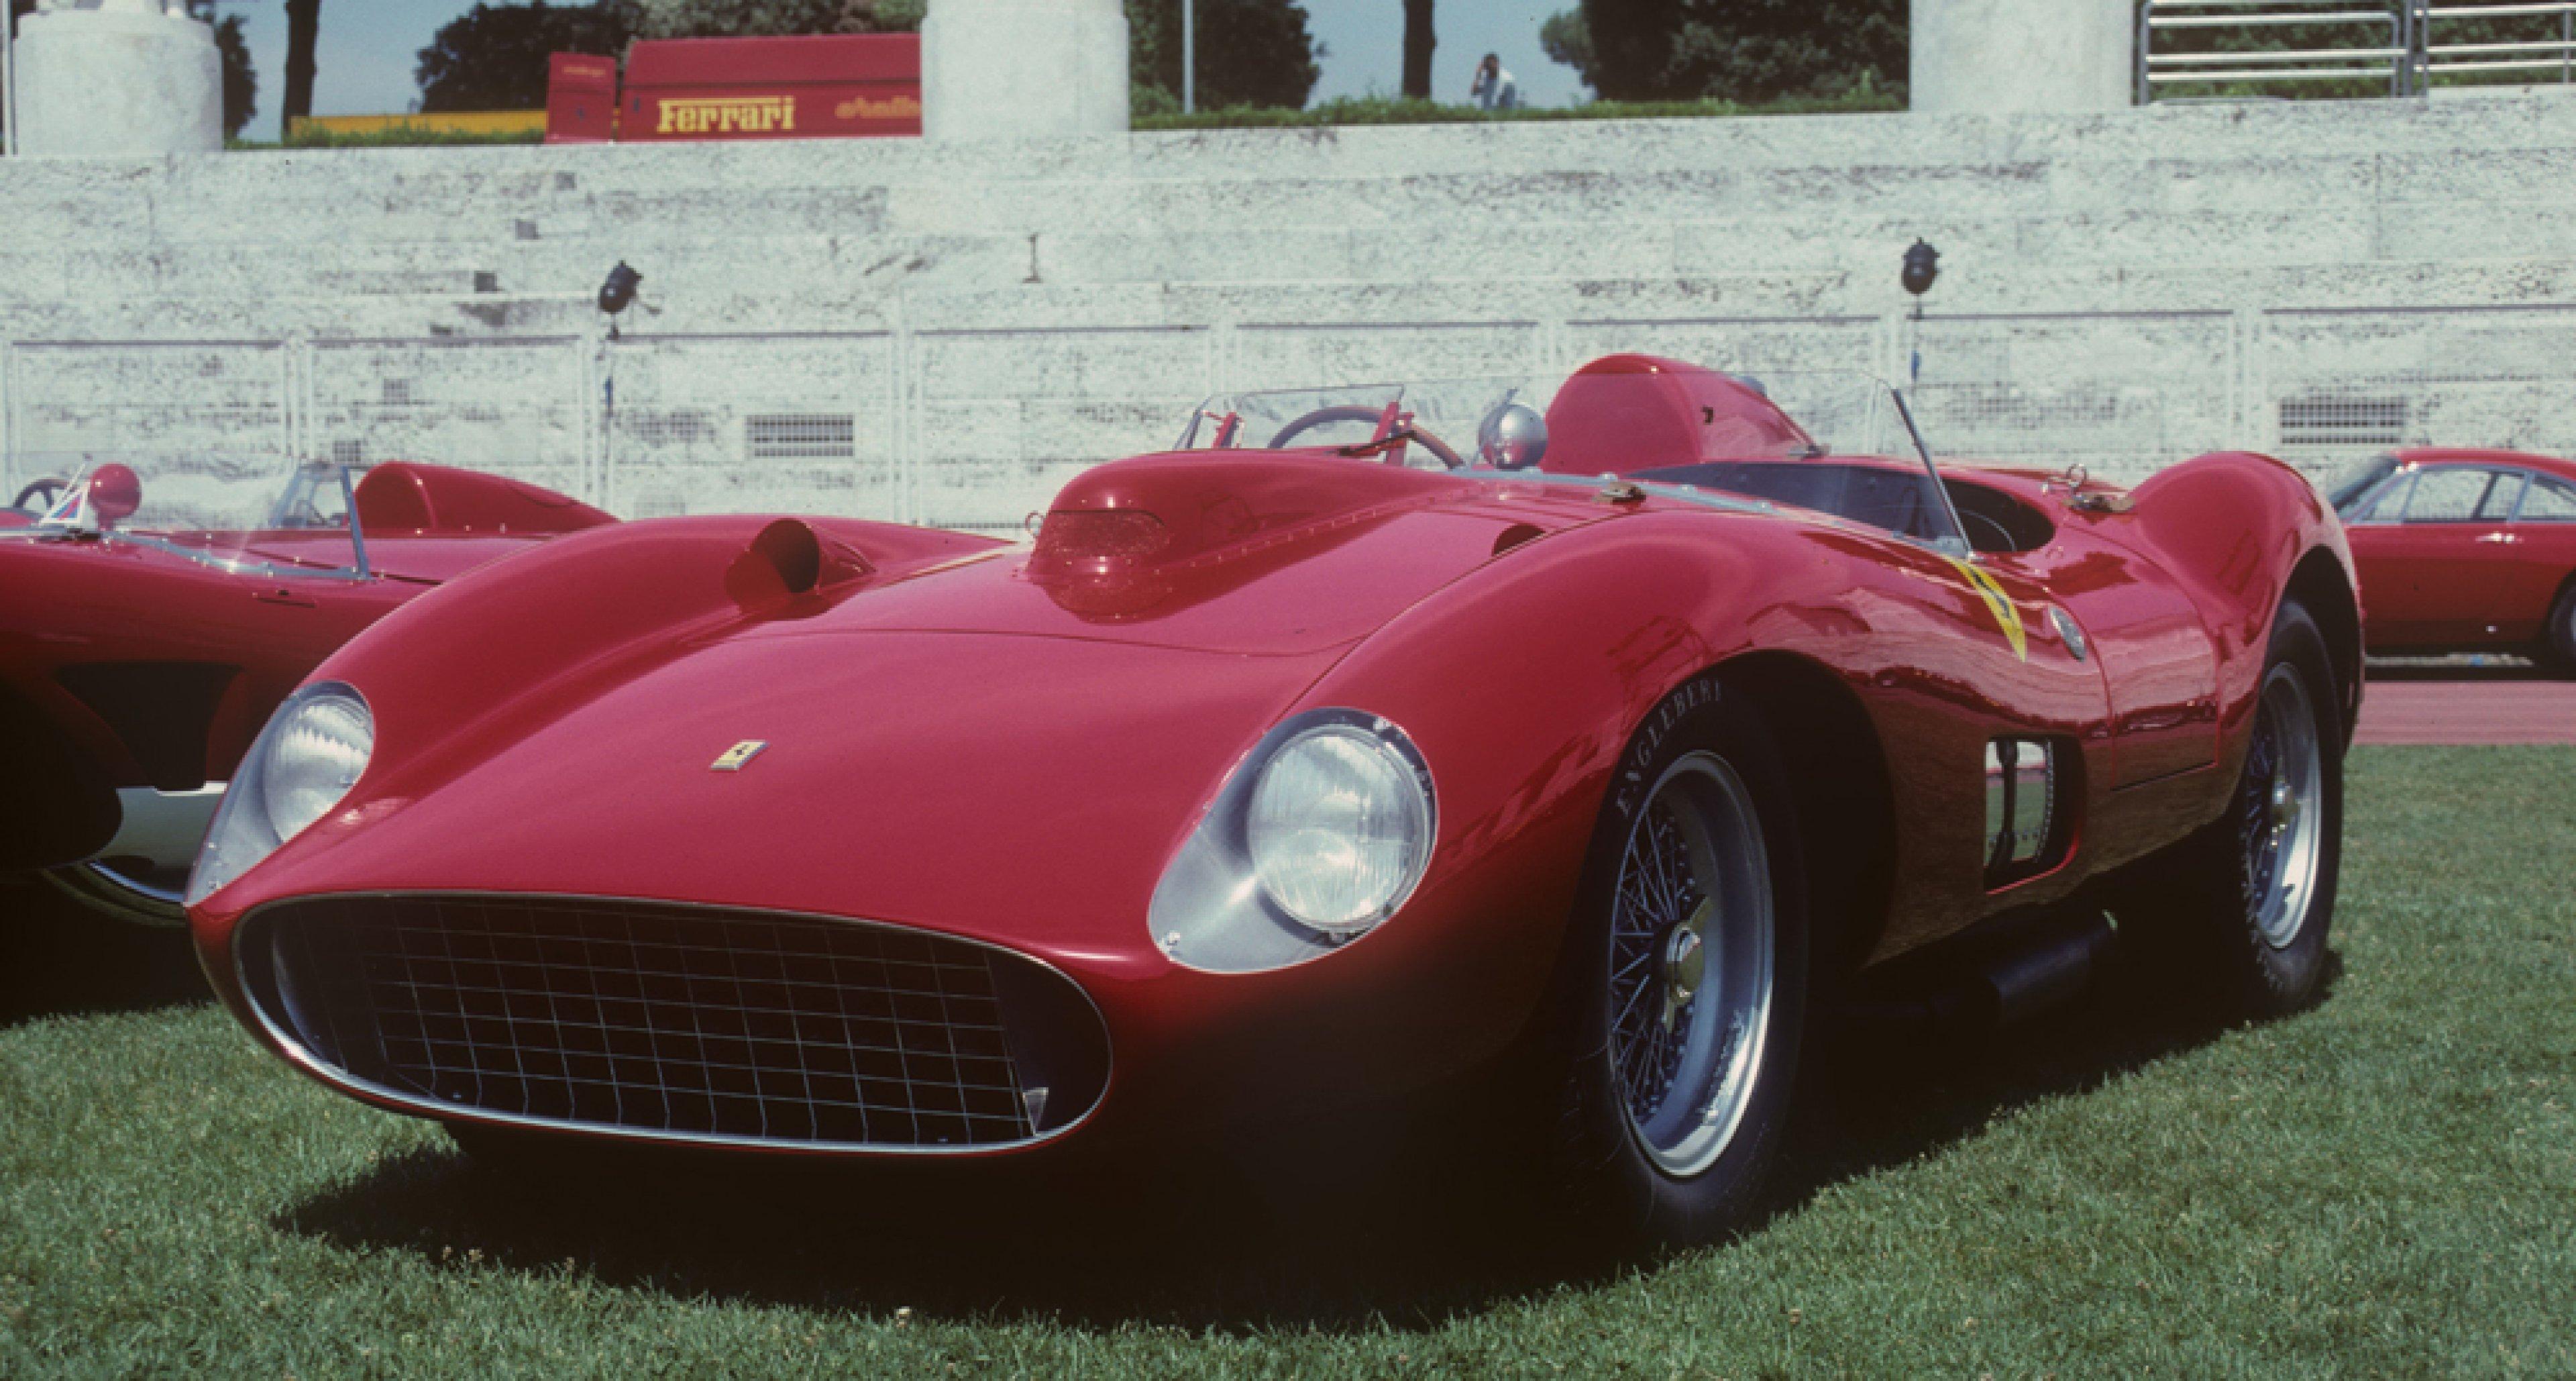 1957 Ferrari 335 S Scaglietti Spider, chassis 0674, estimate 28 - 32 M€ / 30 – 34 M$ Rome 1997, © Marcel Massini